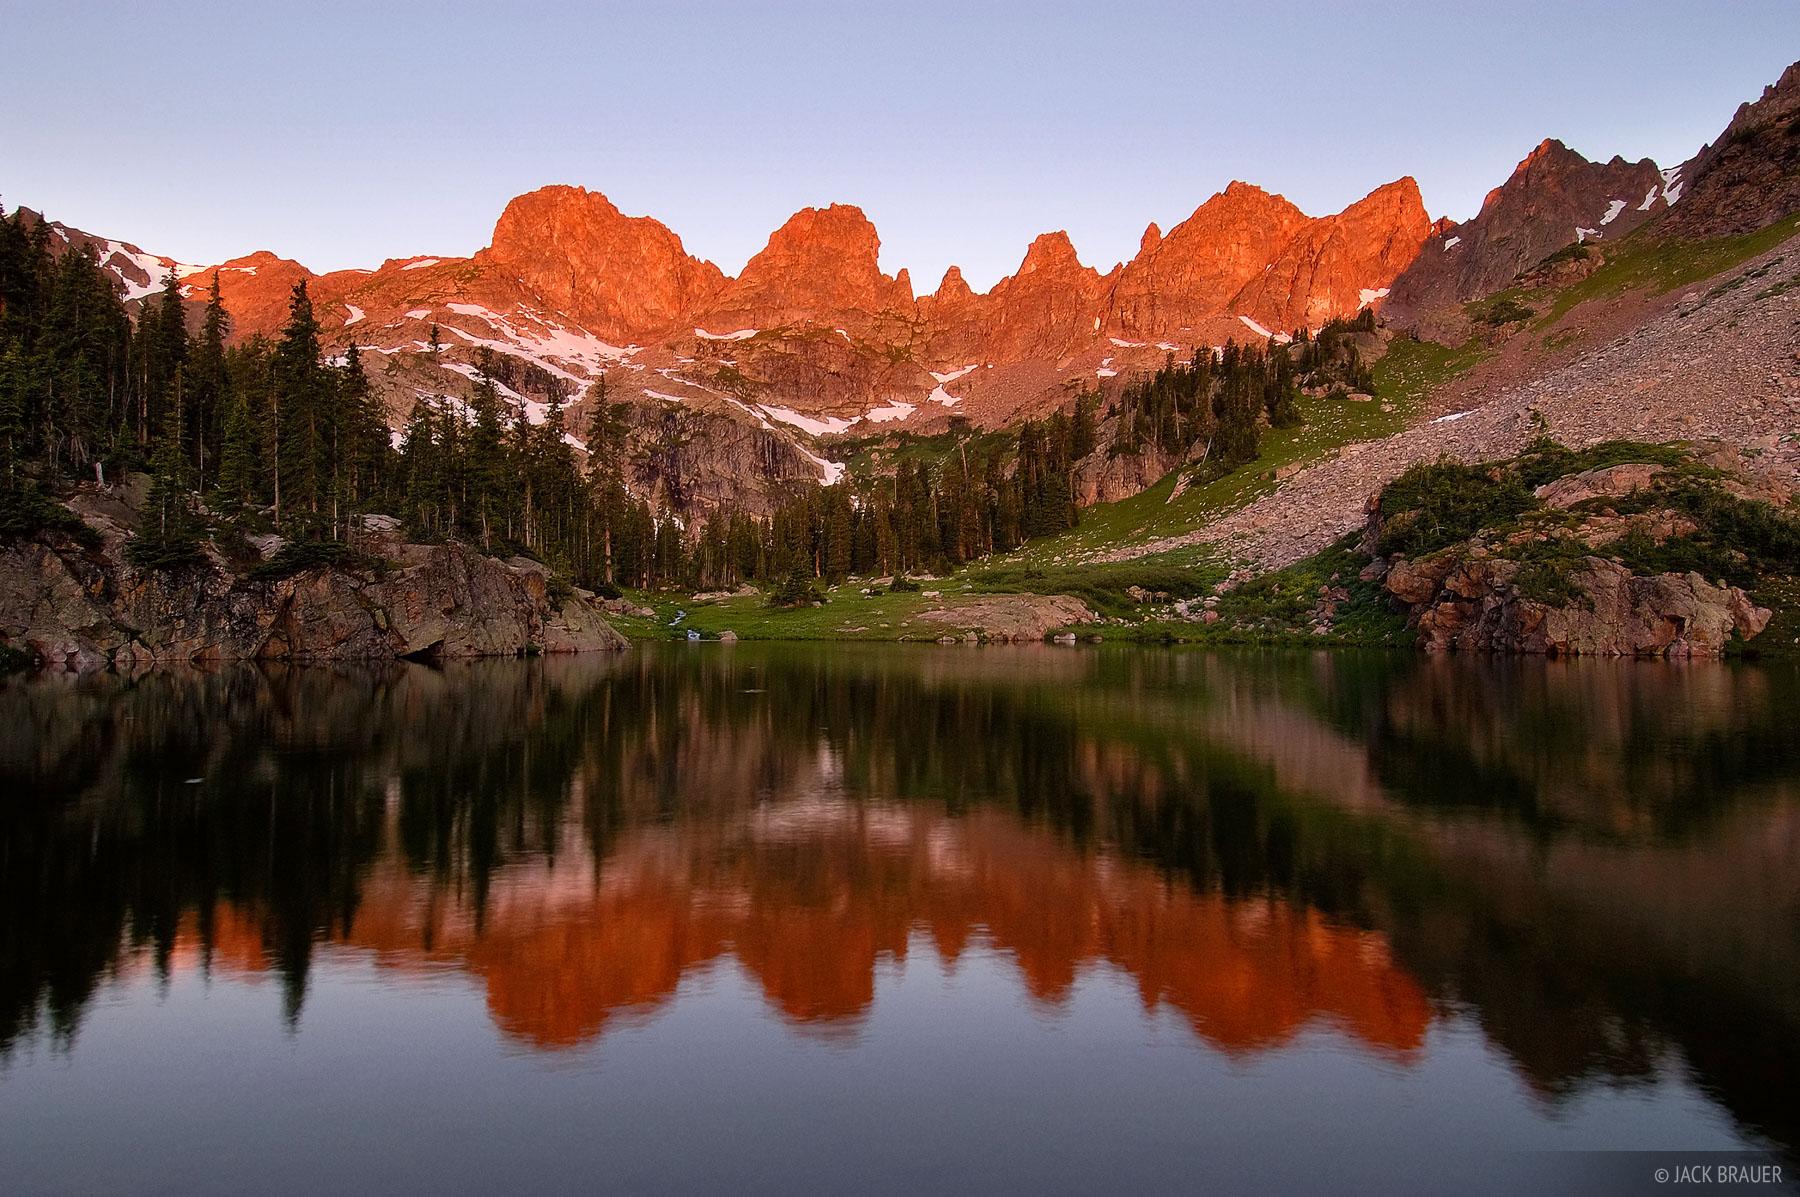 alpenglow, Willow Lakes, Eagles Nest Wilderness, Gore Range, Colorado, photo